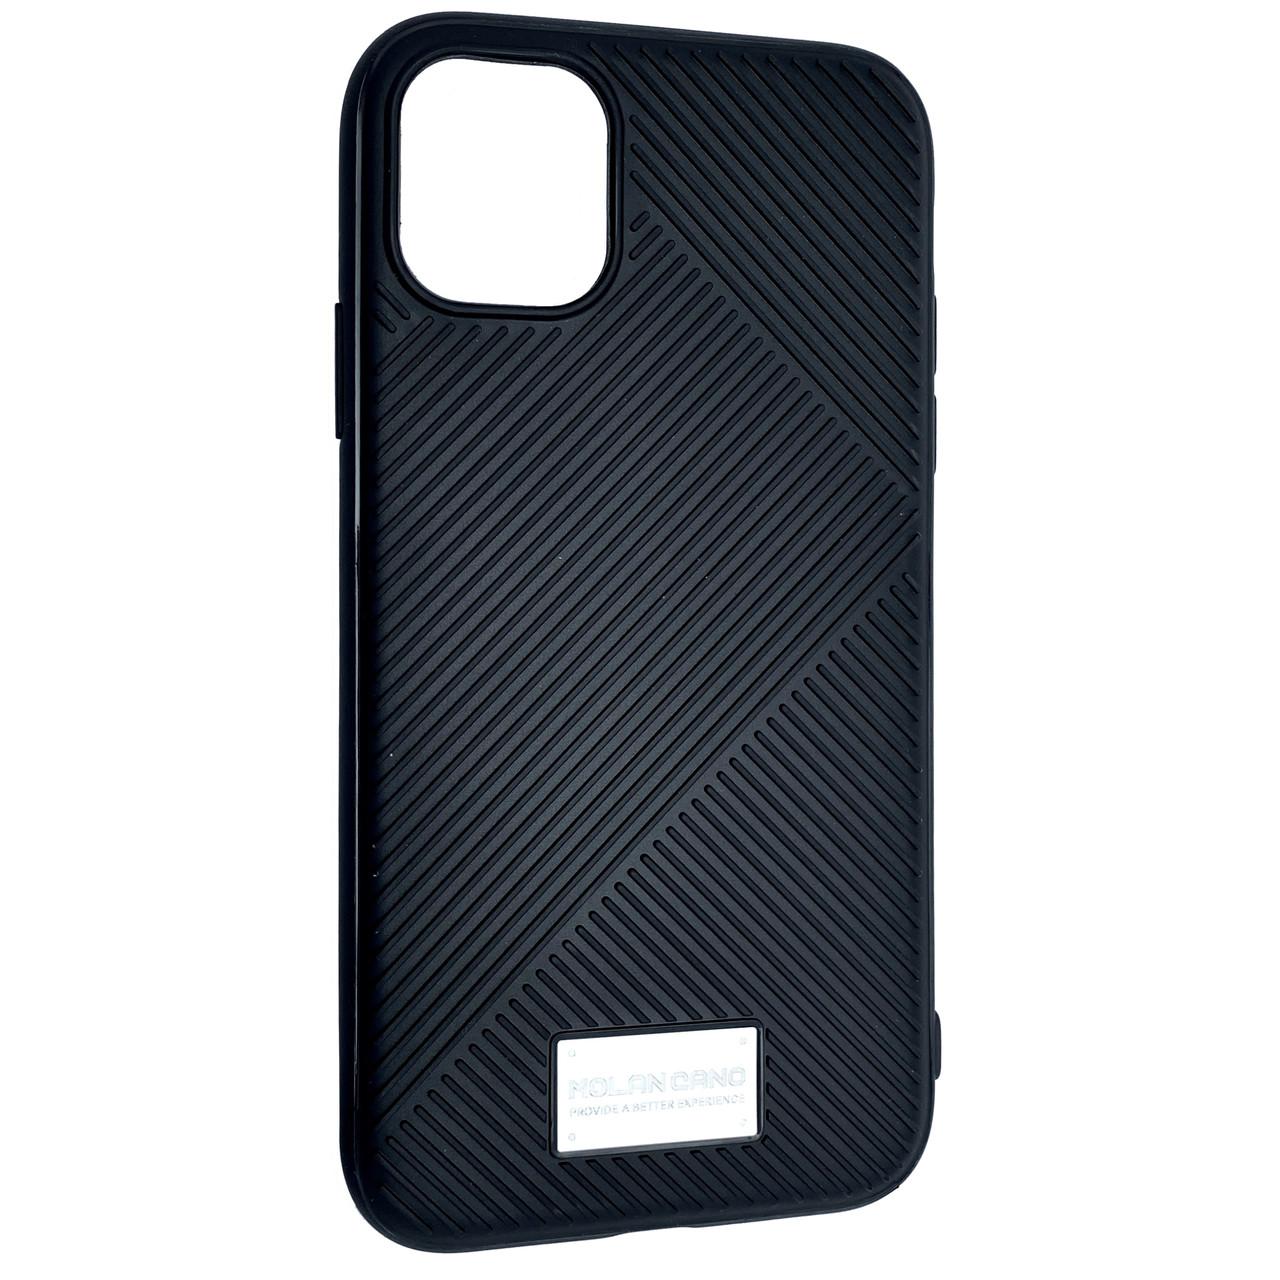 Чехол Silicone Molan Cano Jelline Bumper Apple iPhone 11 Pro Max (black)